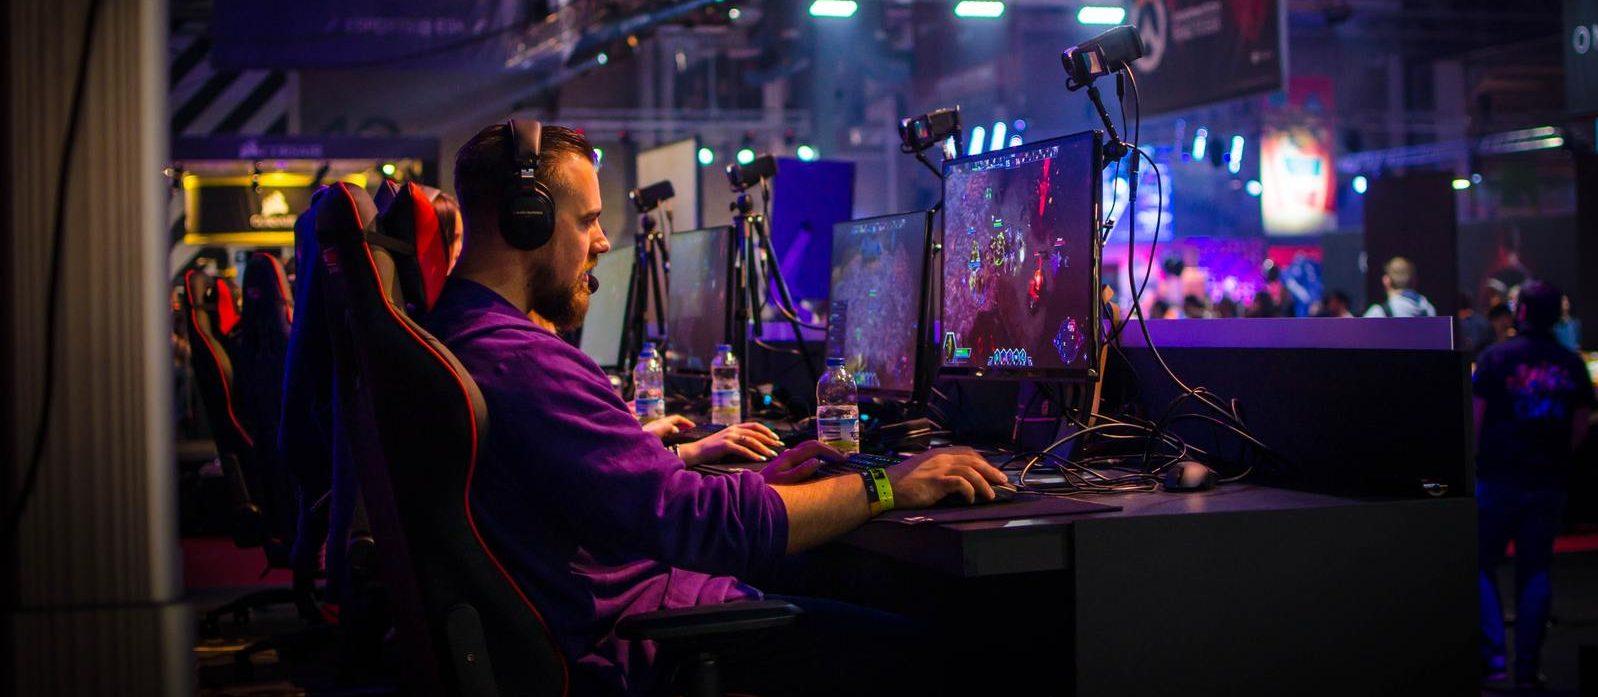 5G y gaming: jugar a cualquier juego en cualquier lugar